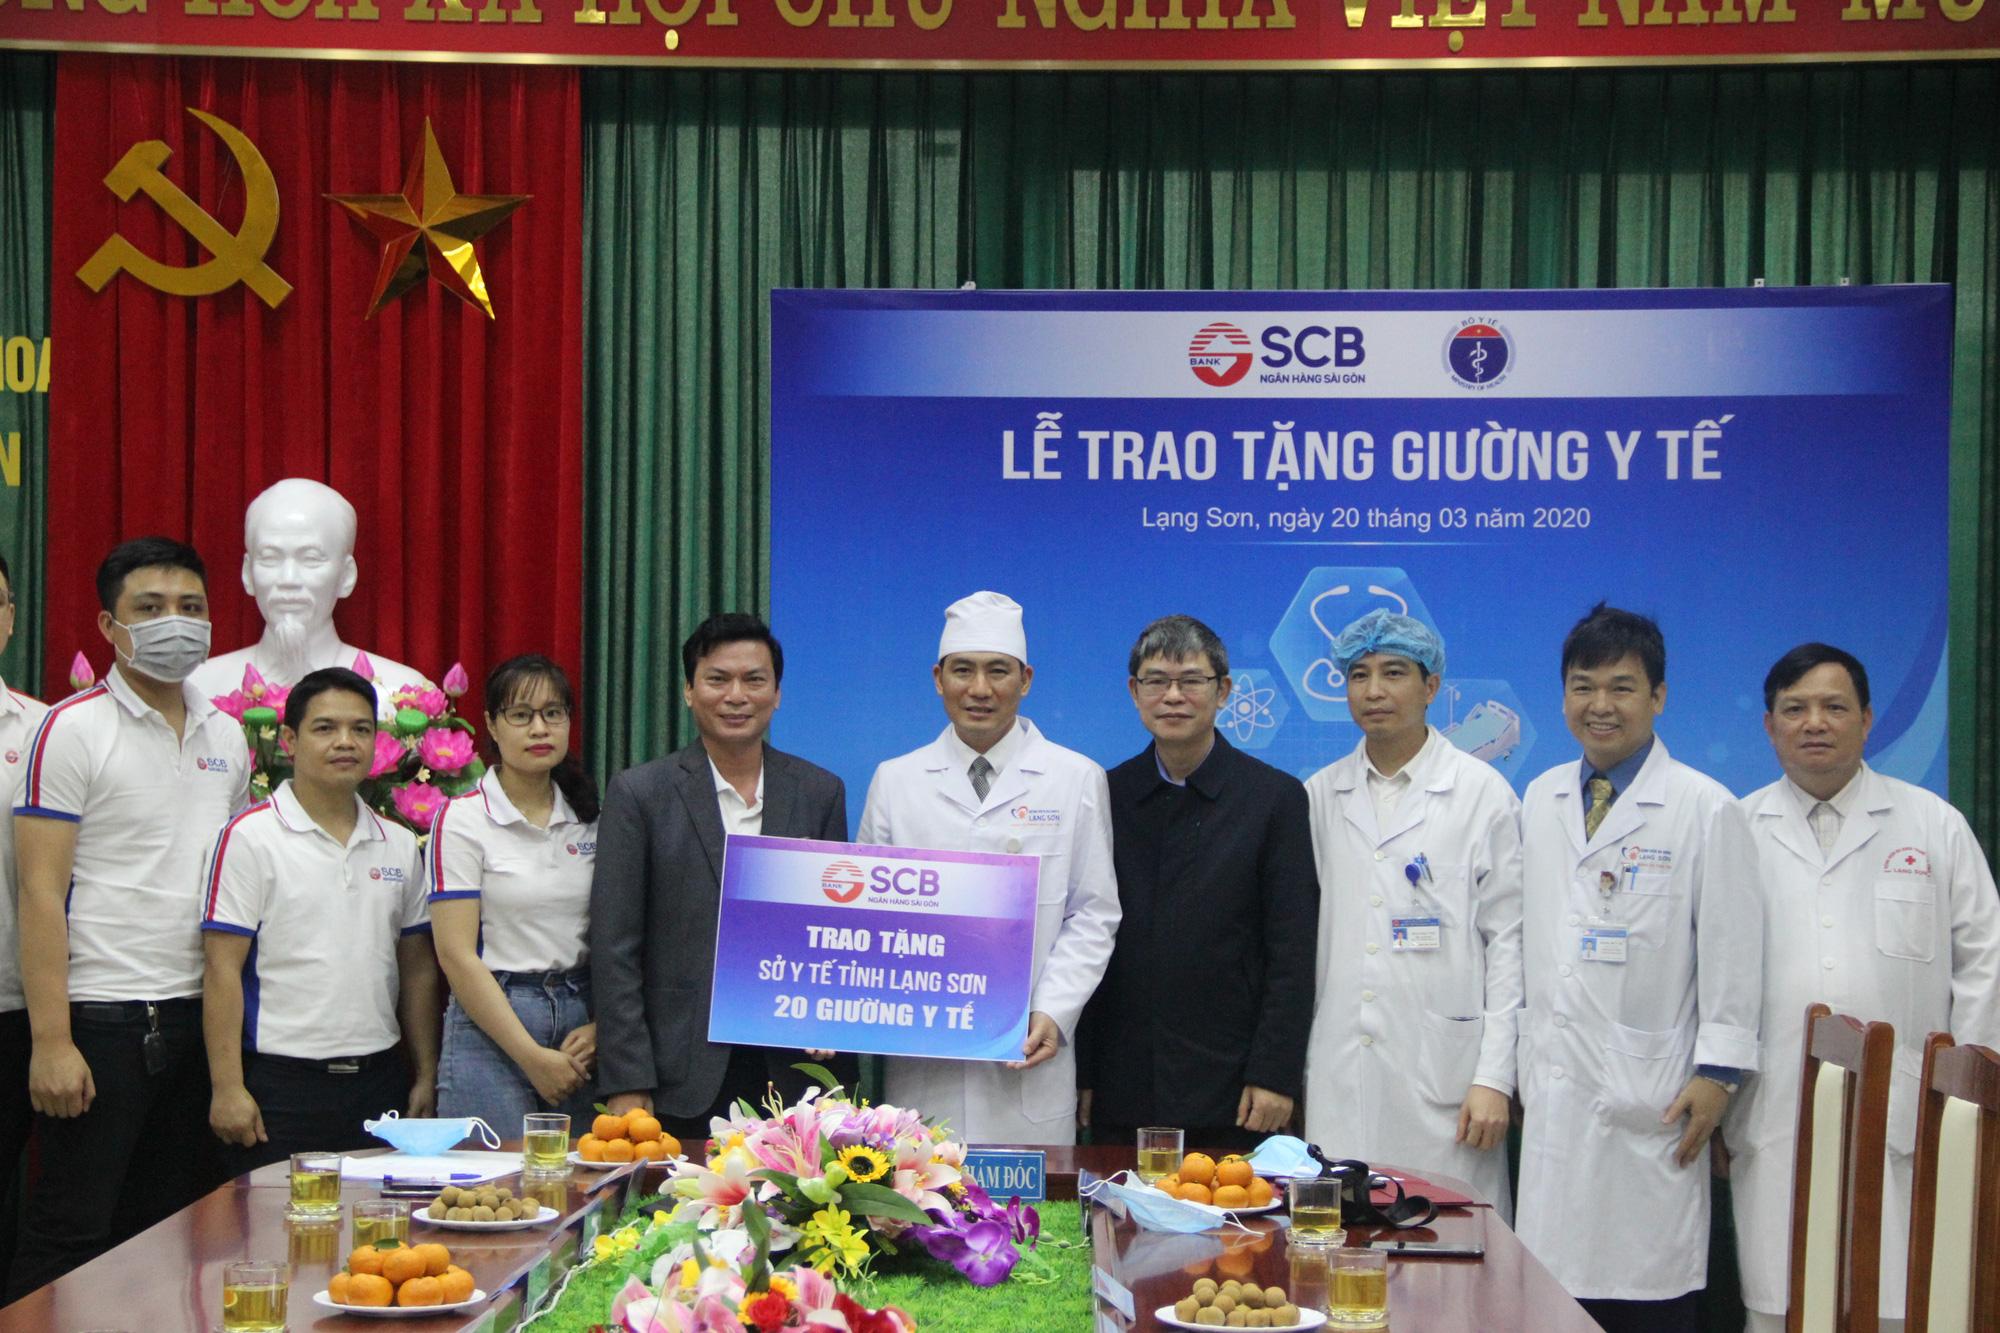 Nhân viên SCB tặng 100 giường y tế và 1,3 tỉ đồng chống dịch COVID-19 - Ảnh 1.